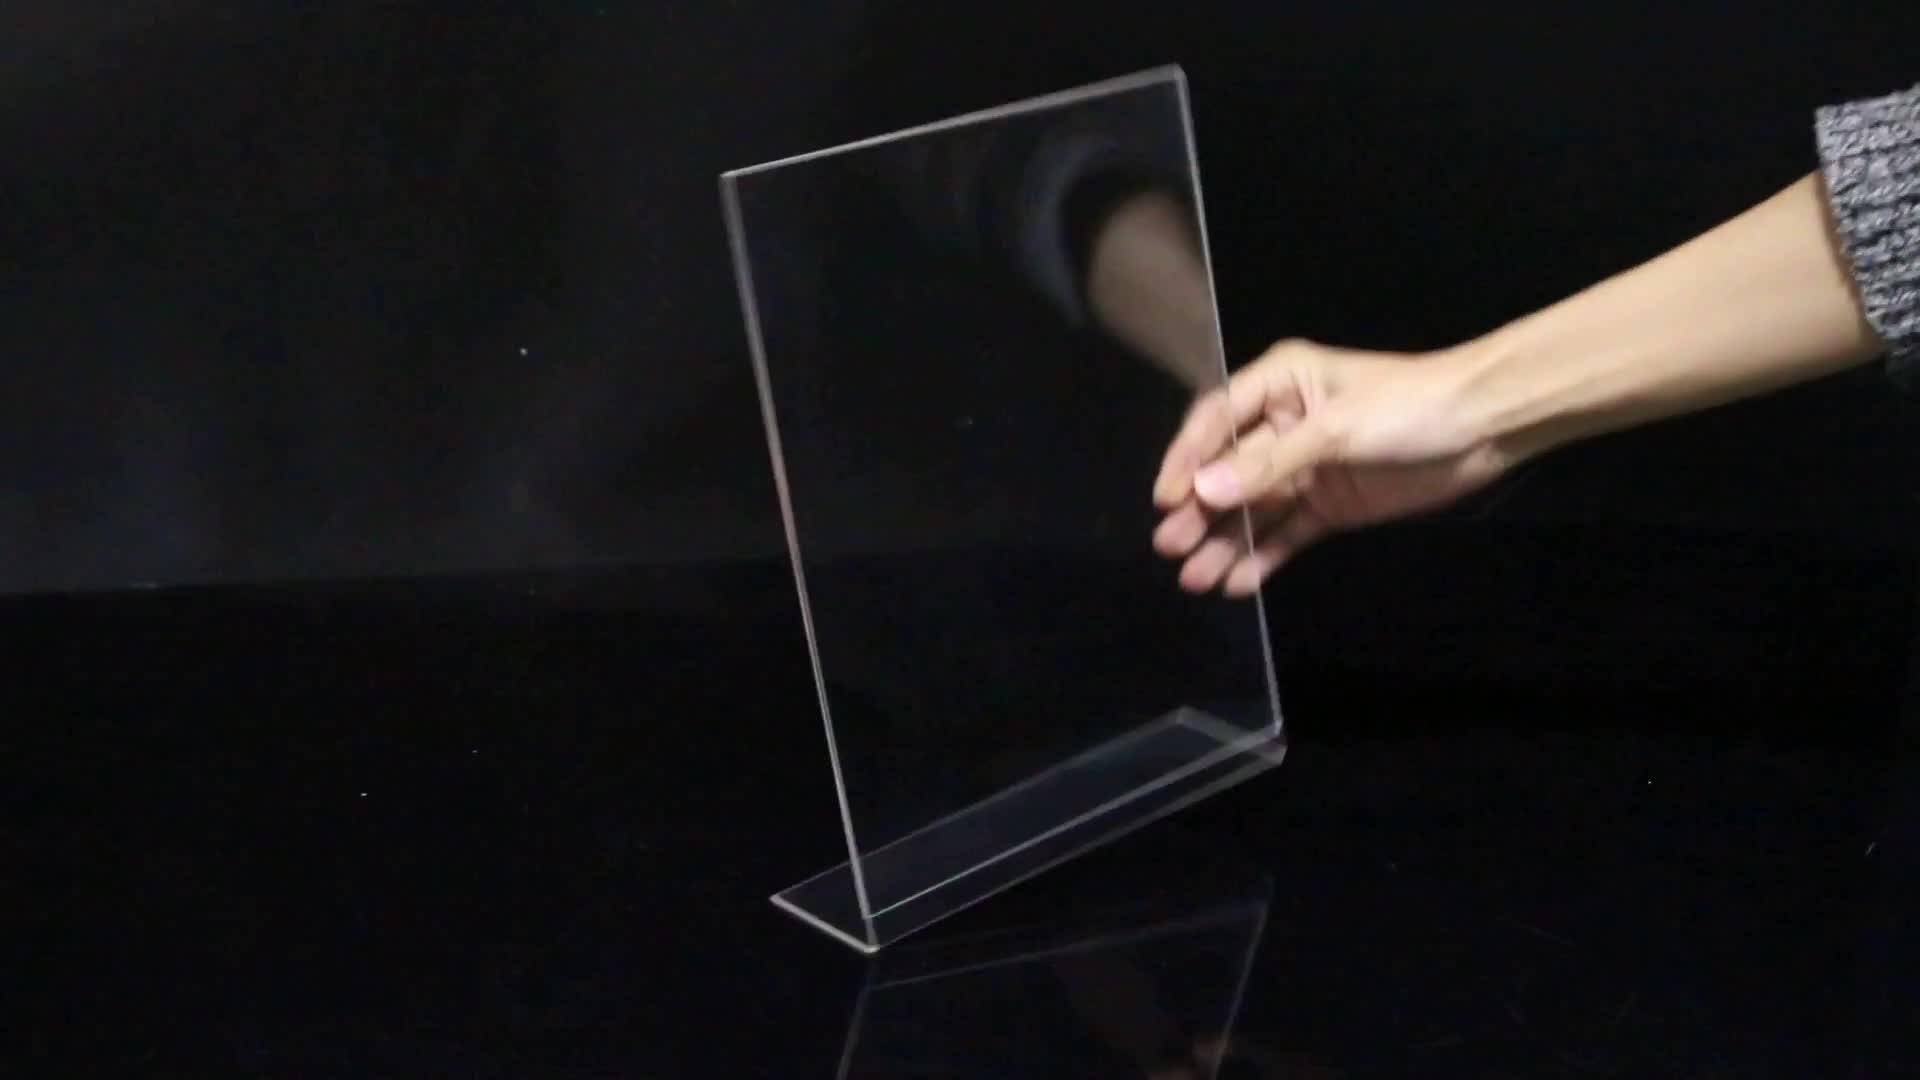 Vrijstaande Folder Display Stand a4 Acryl Poster Menu Houder 8.5X11 Inches Acryl Slant Terug Teken Houder